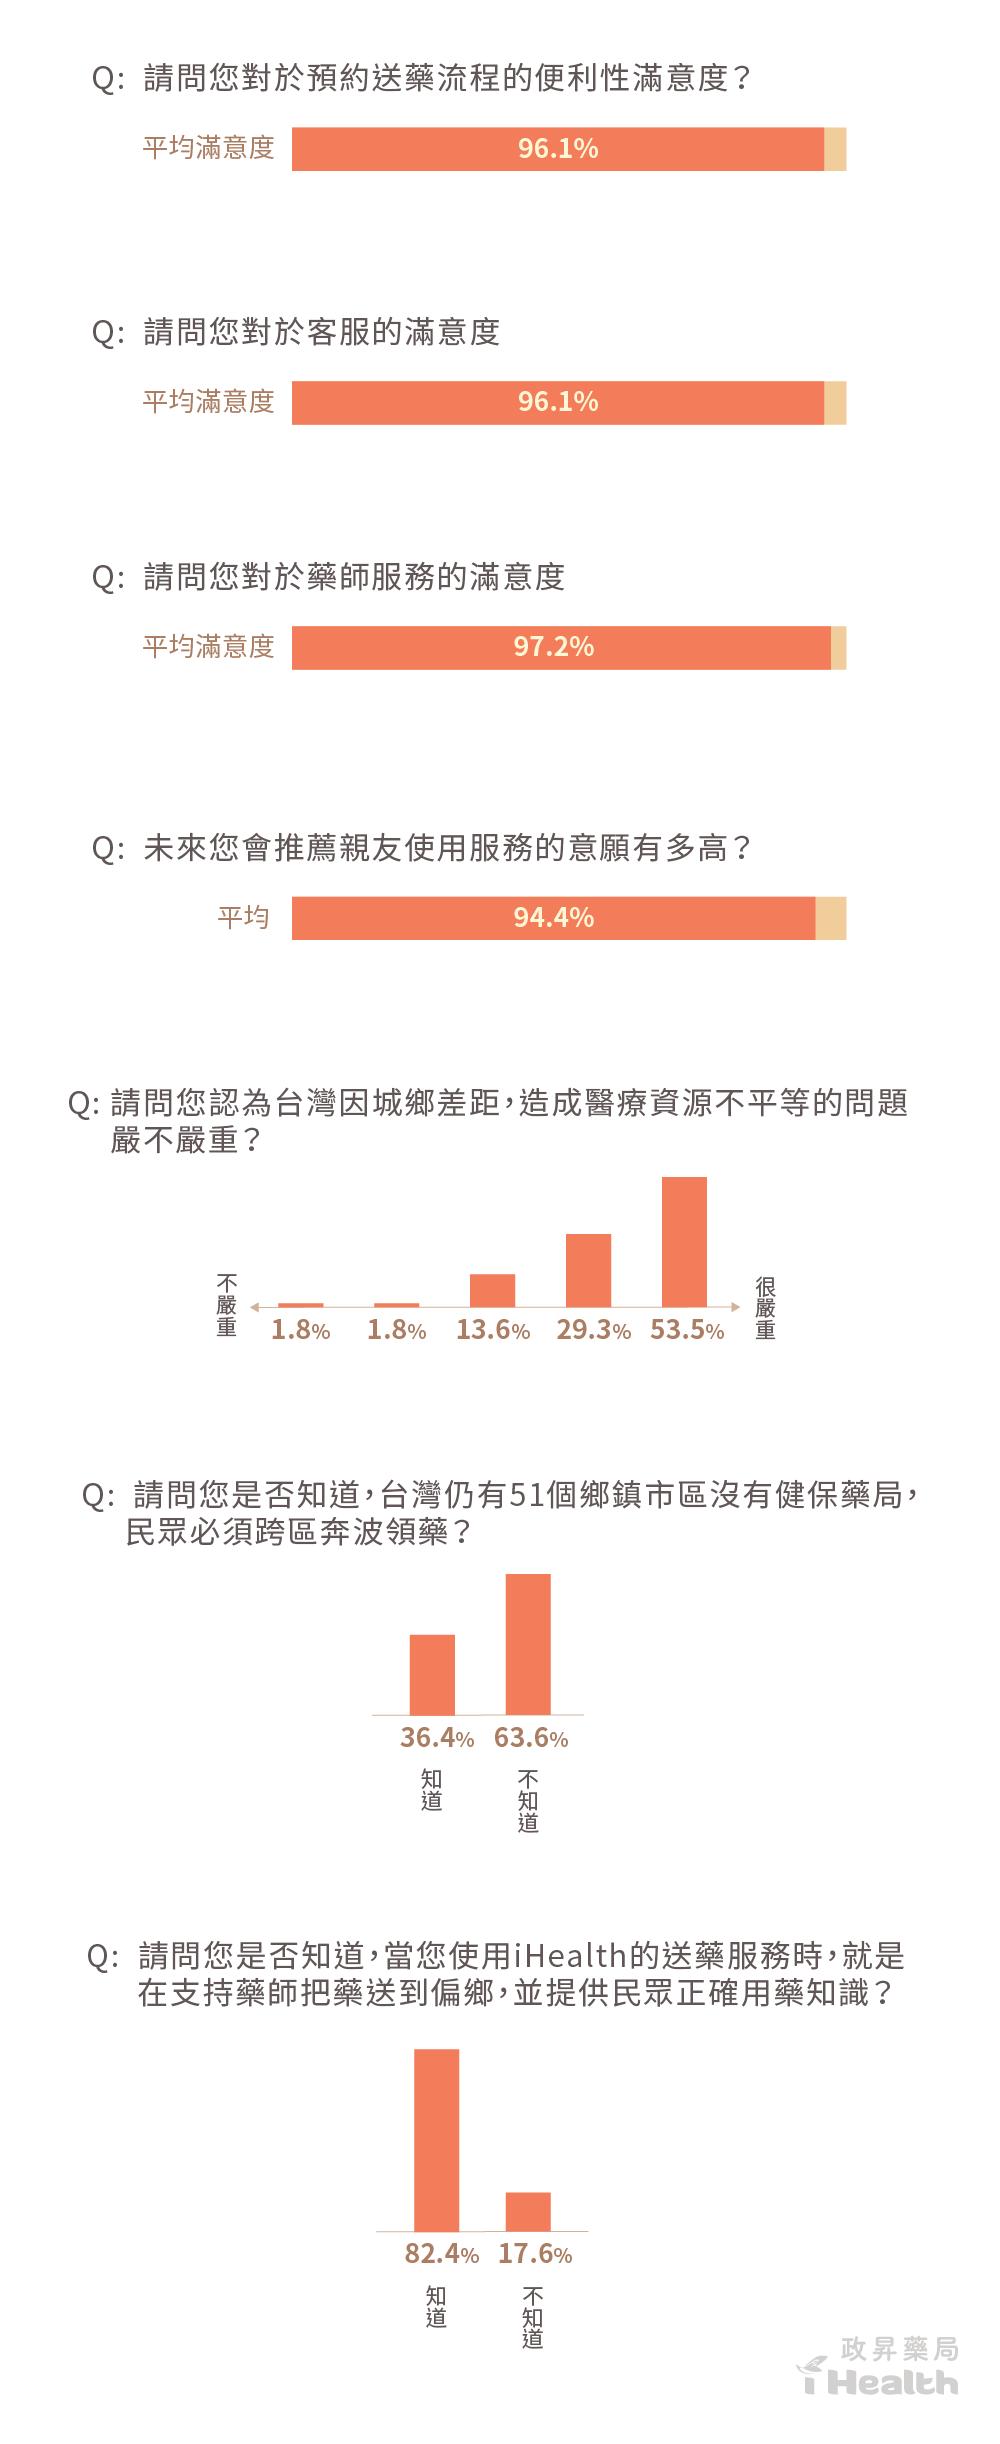 用長條圖表示問卷調查結果